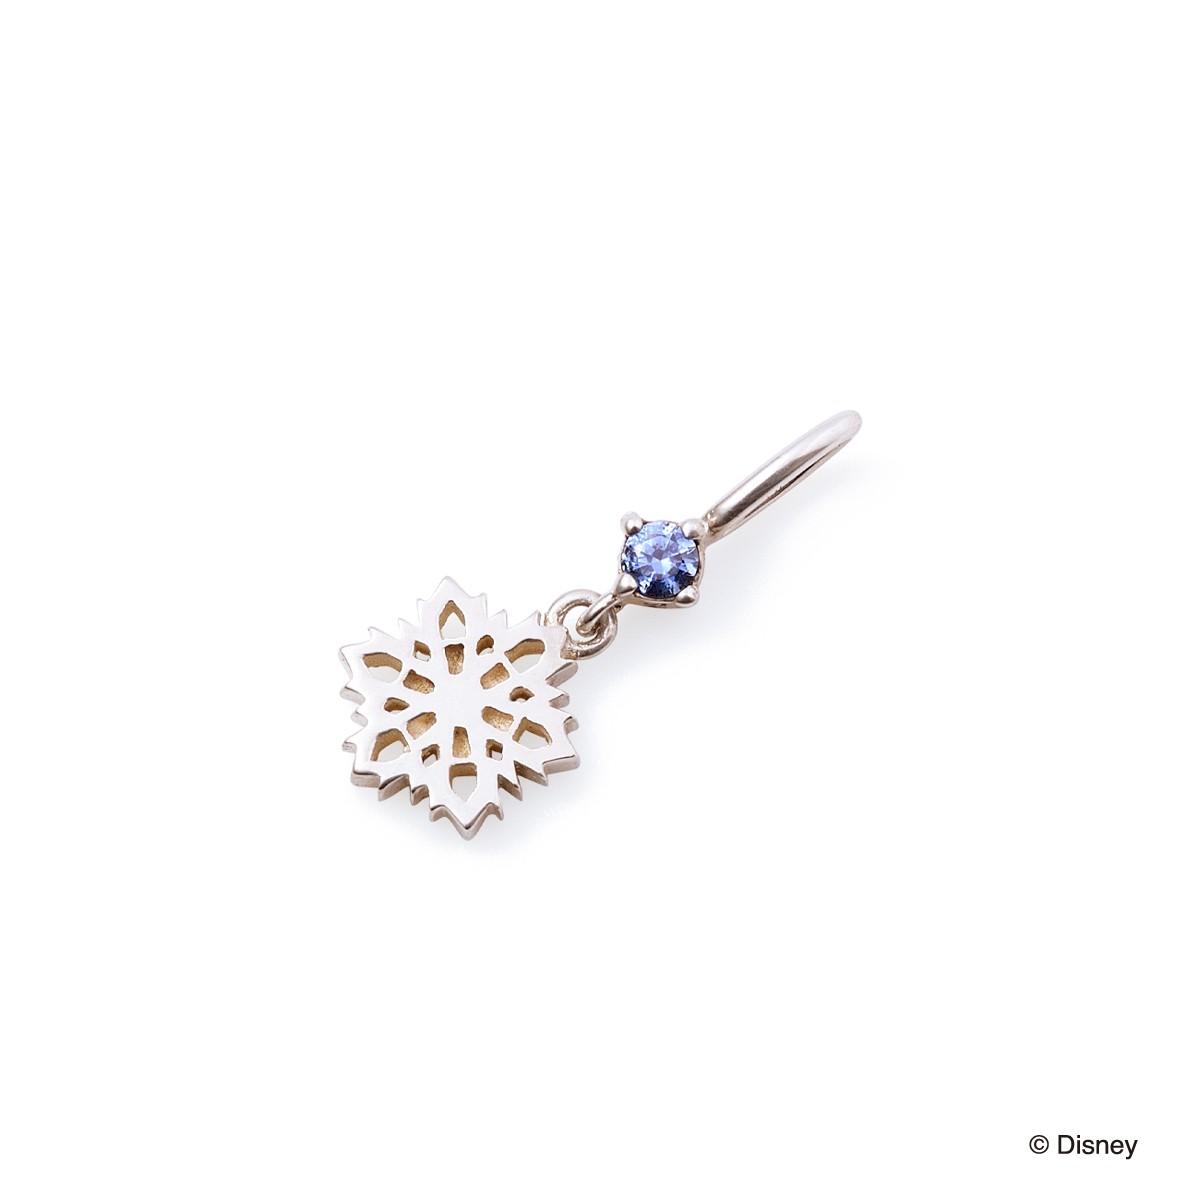 ディズニー アナと雪の女王 / シルバー ネックレスチャーム DI-SCH707CB